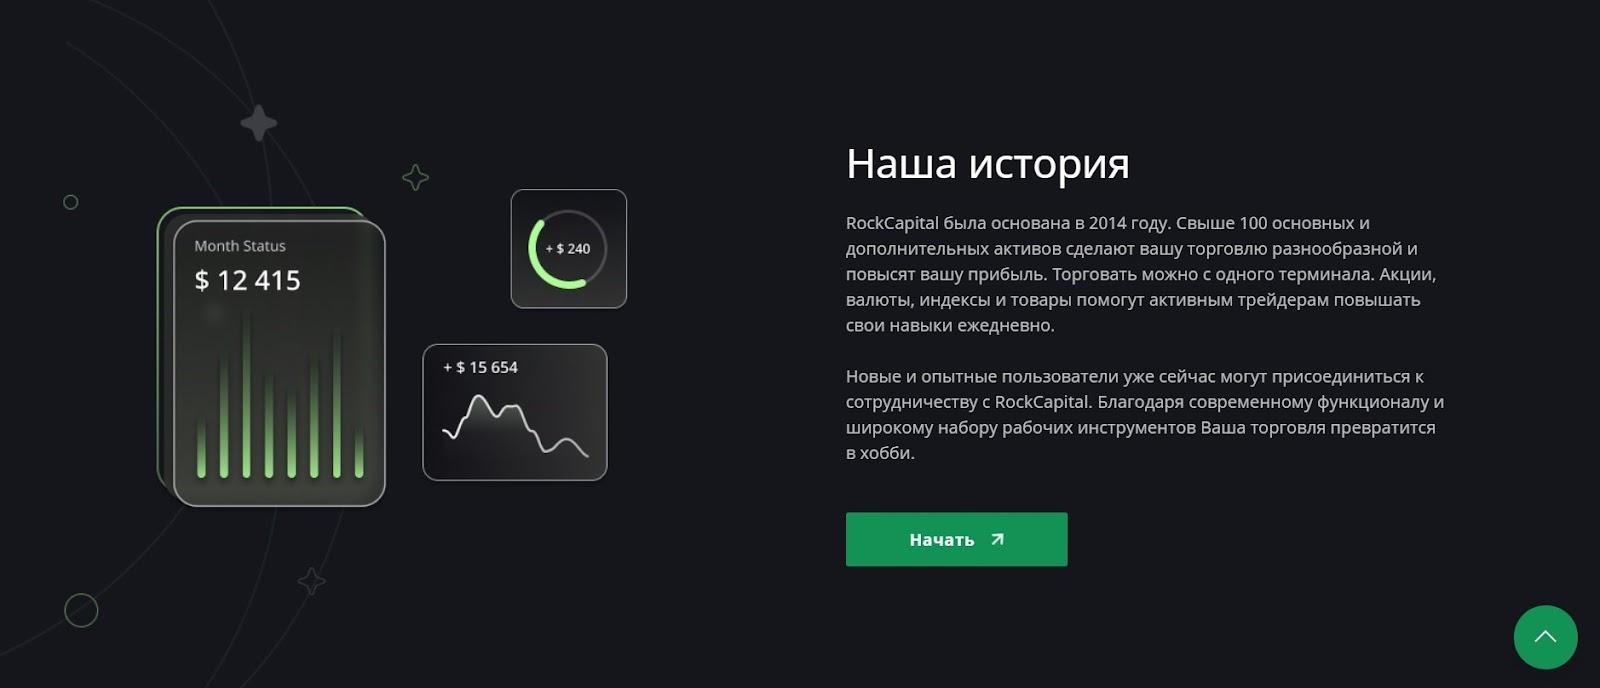 Rock Capital: отзывы о деятельности брокера в подробном обзоре